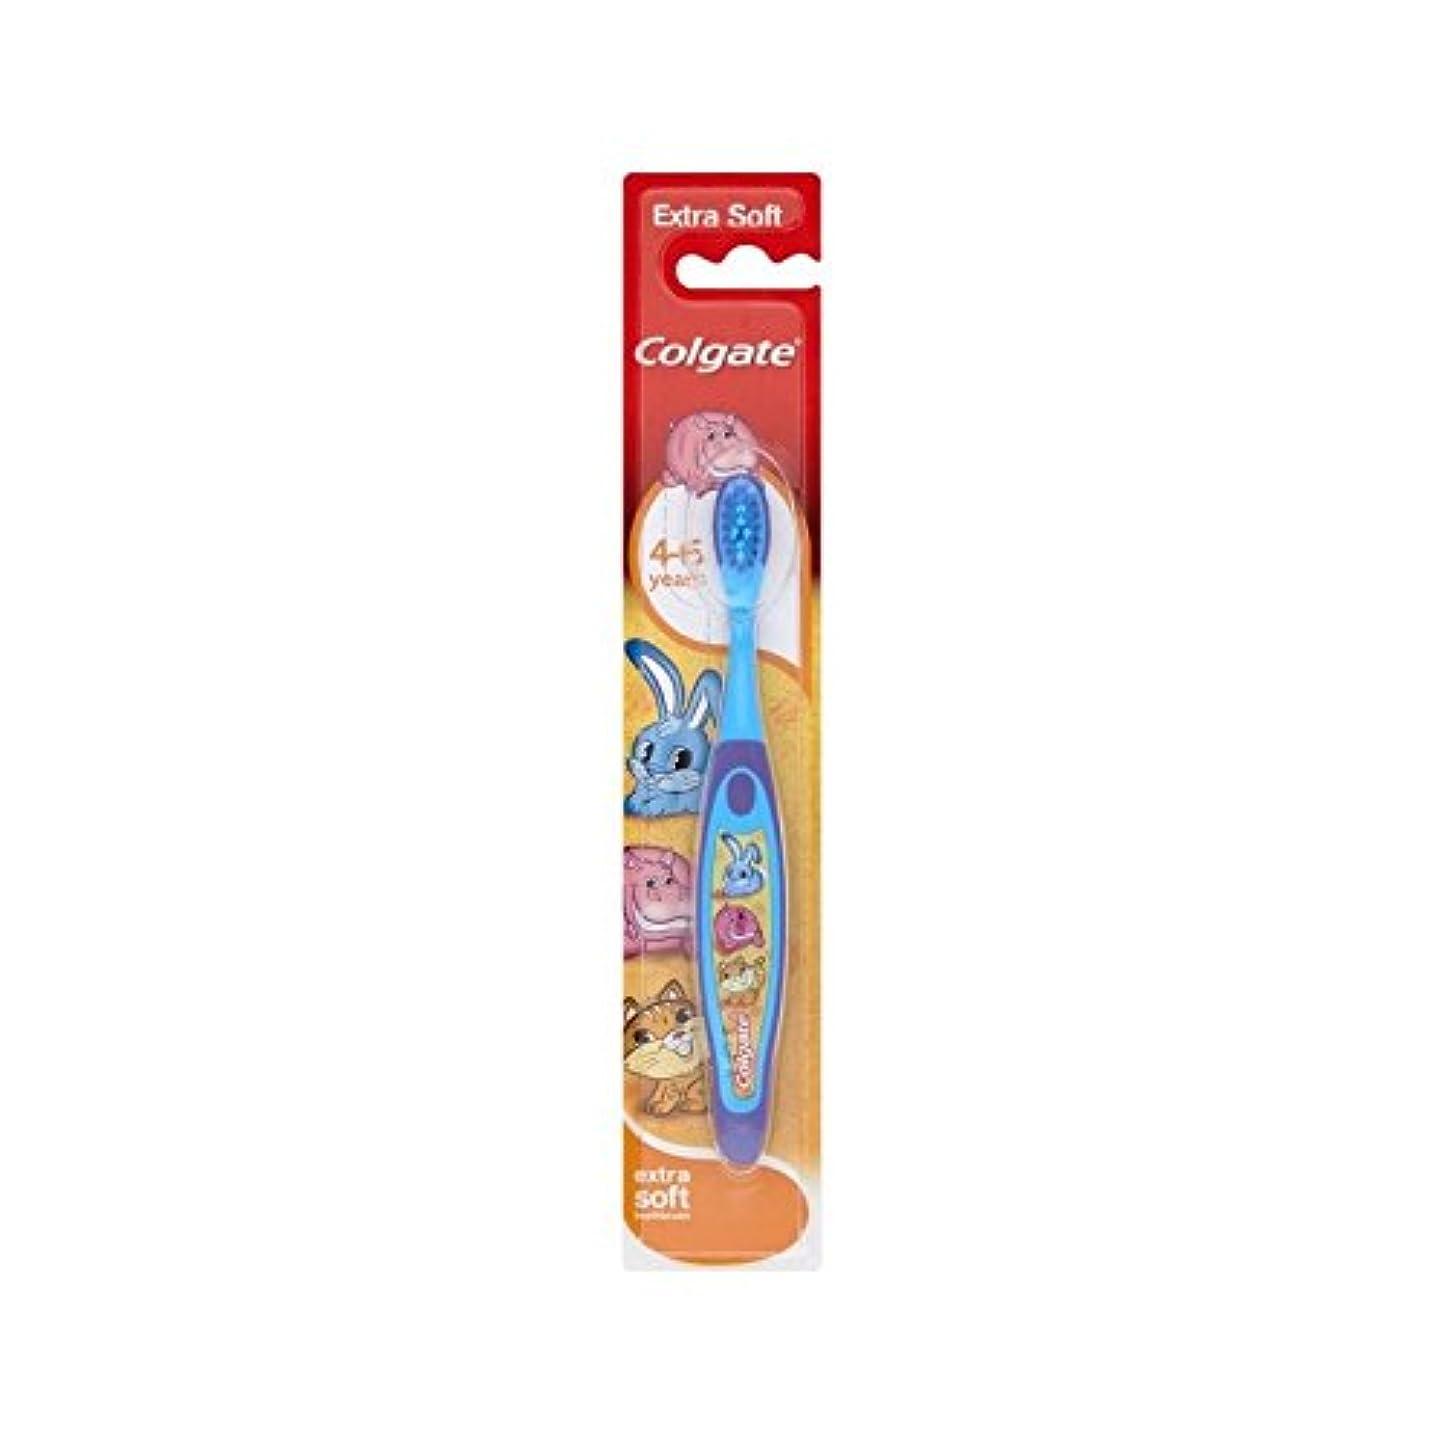 クマノミ部族ゴミ箱4-6歳の歯ブラシを笑顔 (Colgate) (x 4) - Colgate Smiles 4-6 Years Old Toothbrush (Pack of 4) [並行輸入品]